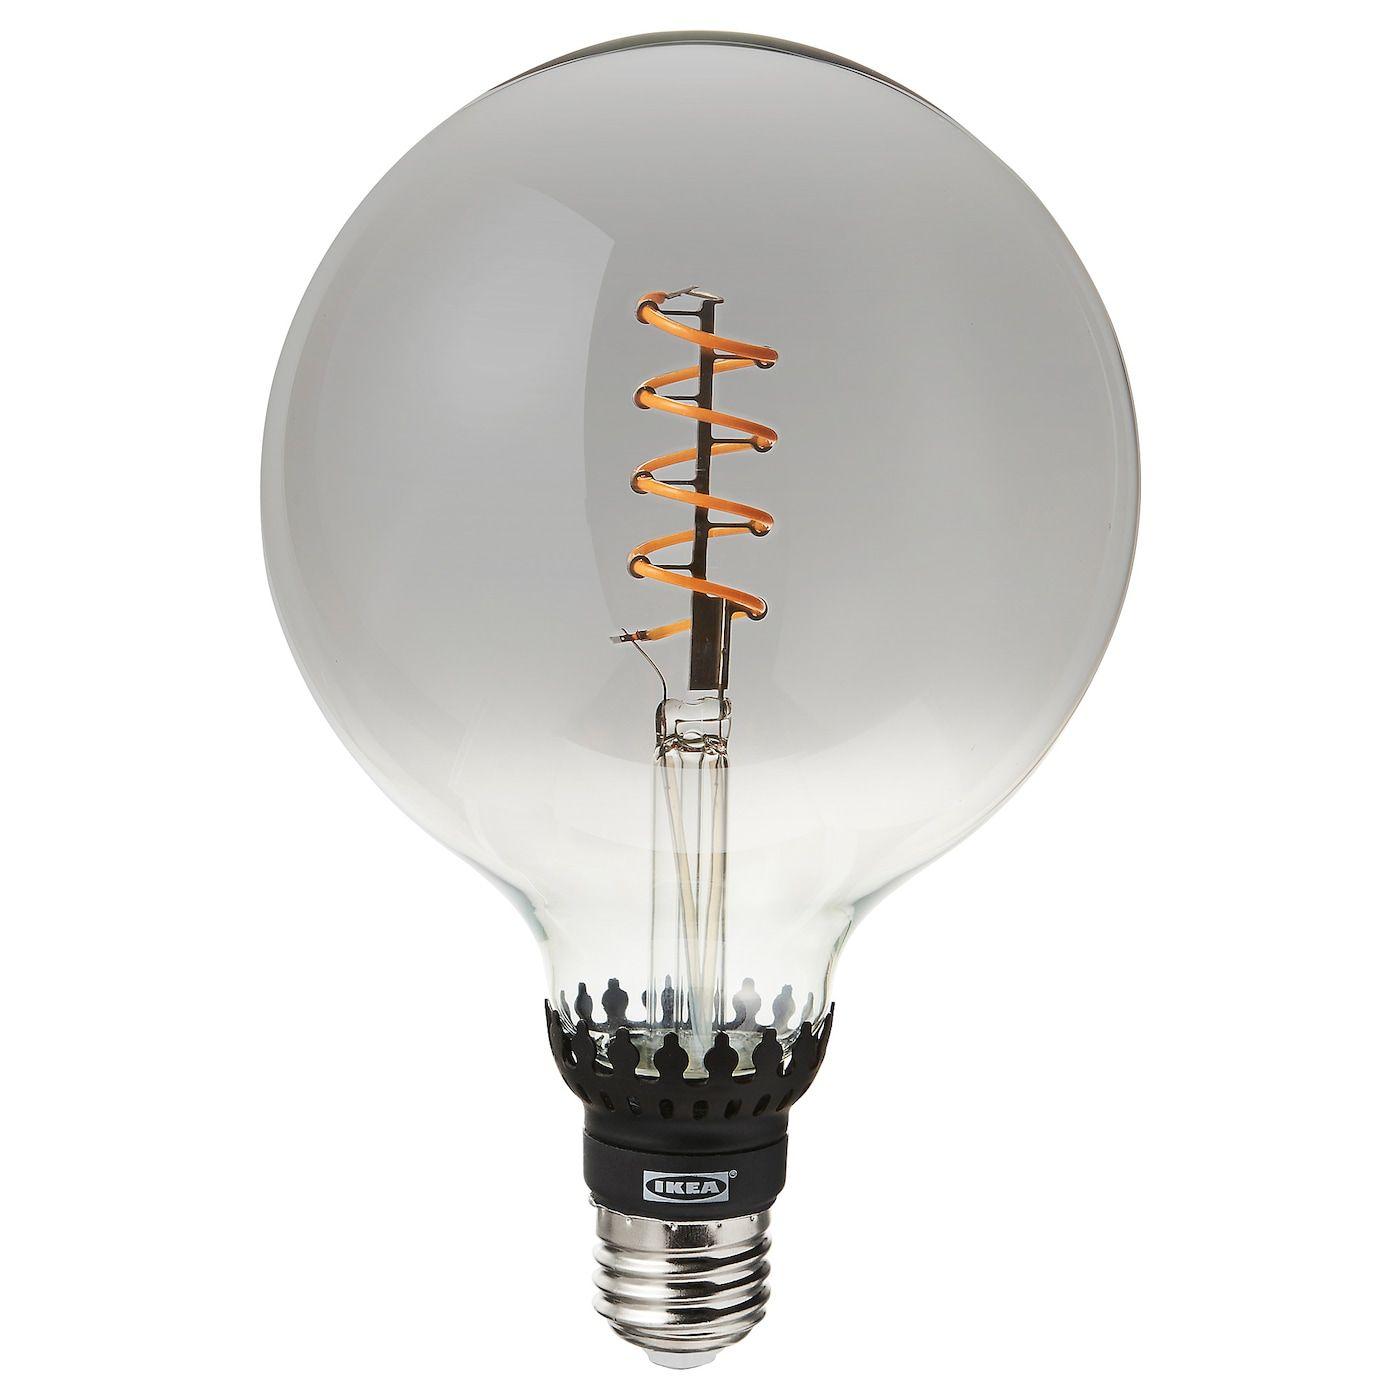 Rollsbo Bombilla Led E27 200 Lumenes In 2020 Lamp Bases Bulb